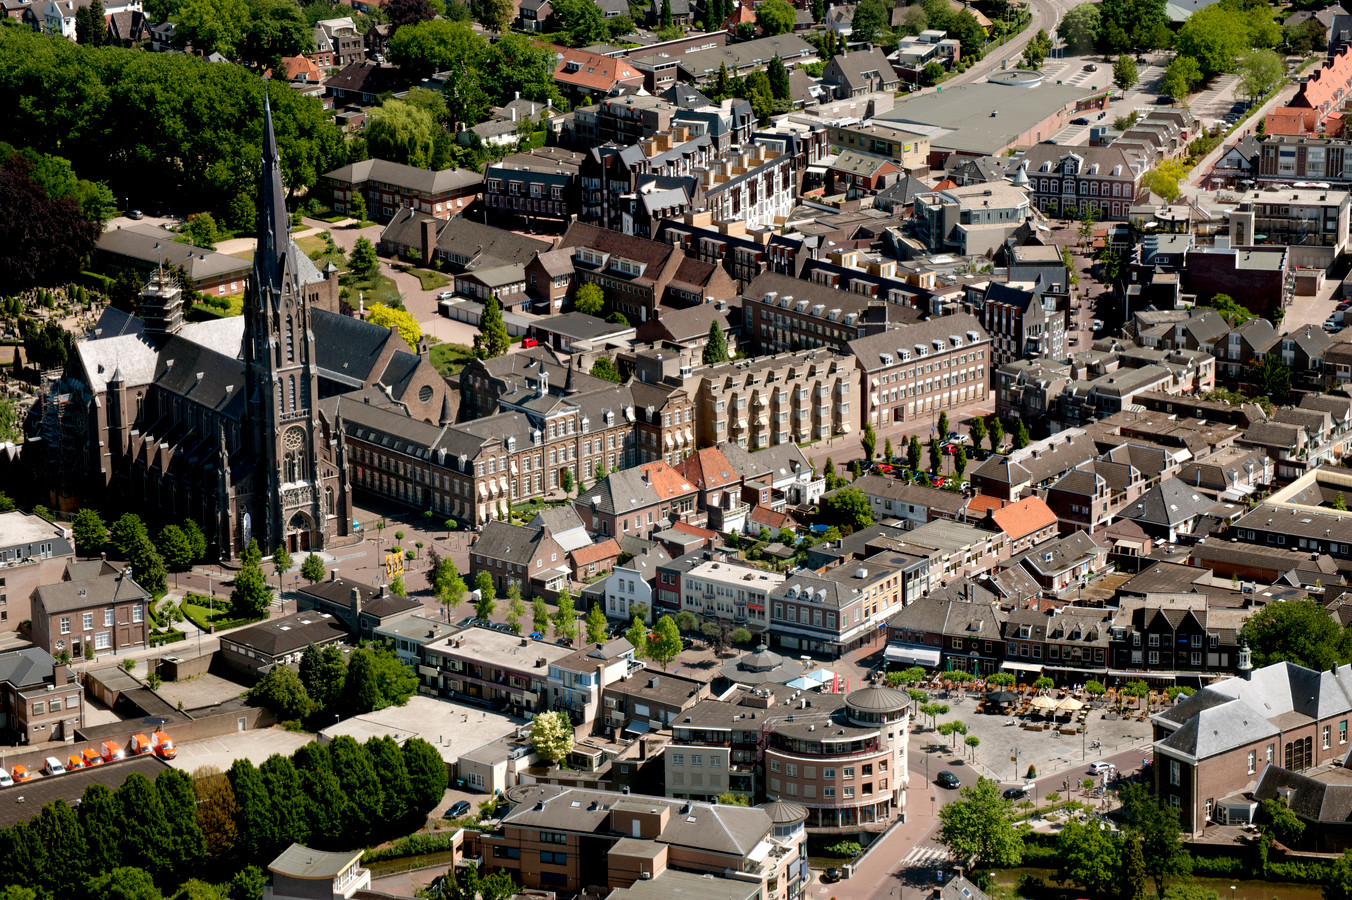 Het klooster van de zusters Franciscanessen aan de Deken van Miertstraat in Veghel, luchtfoto uit 2011